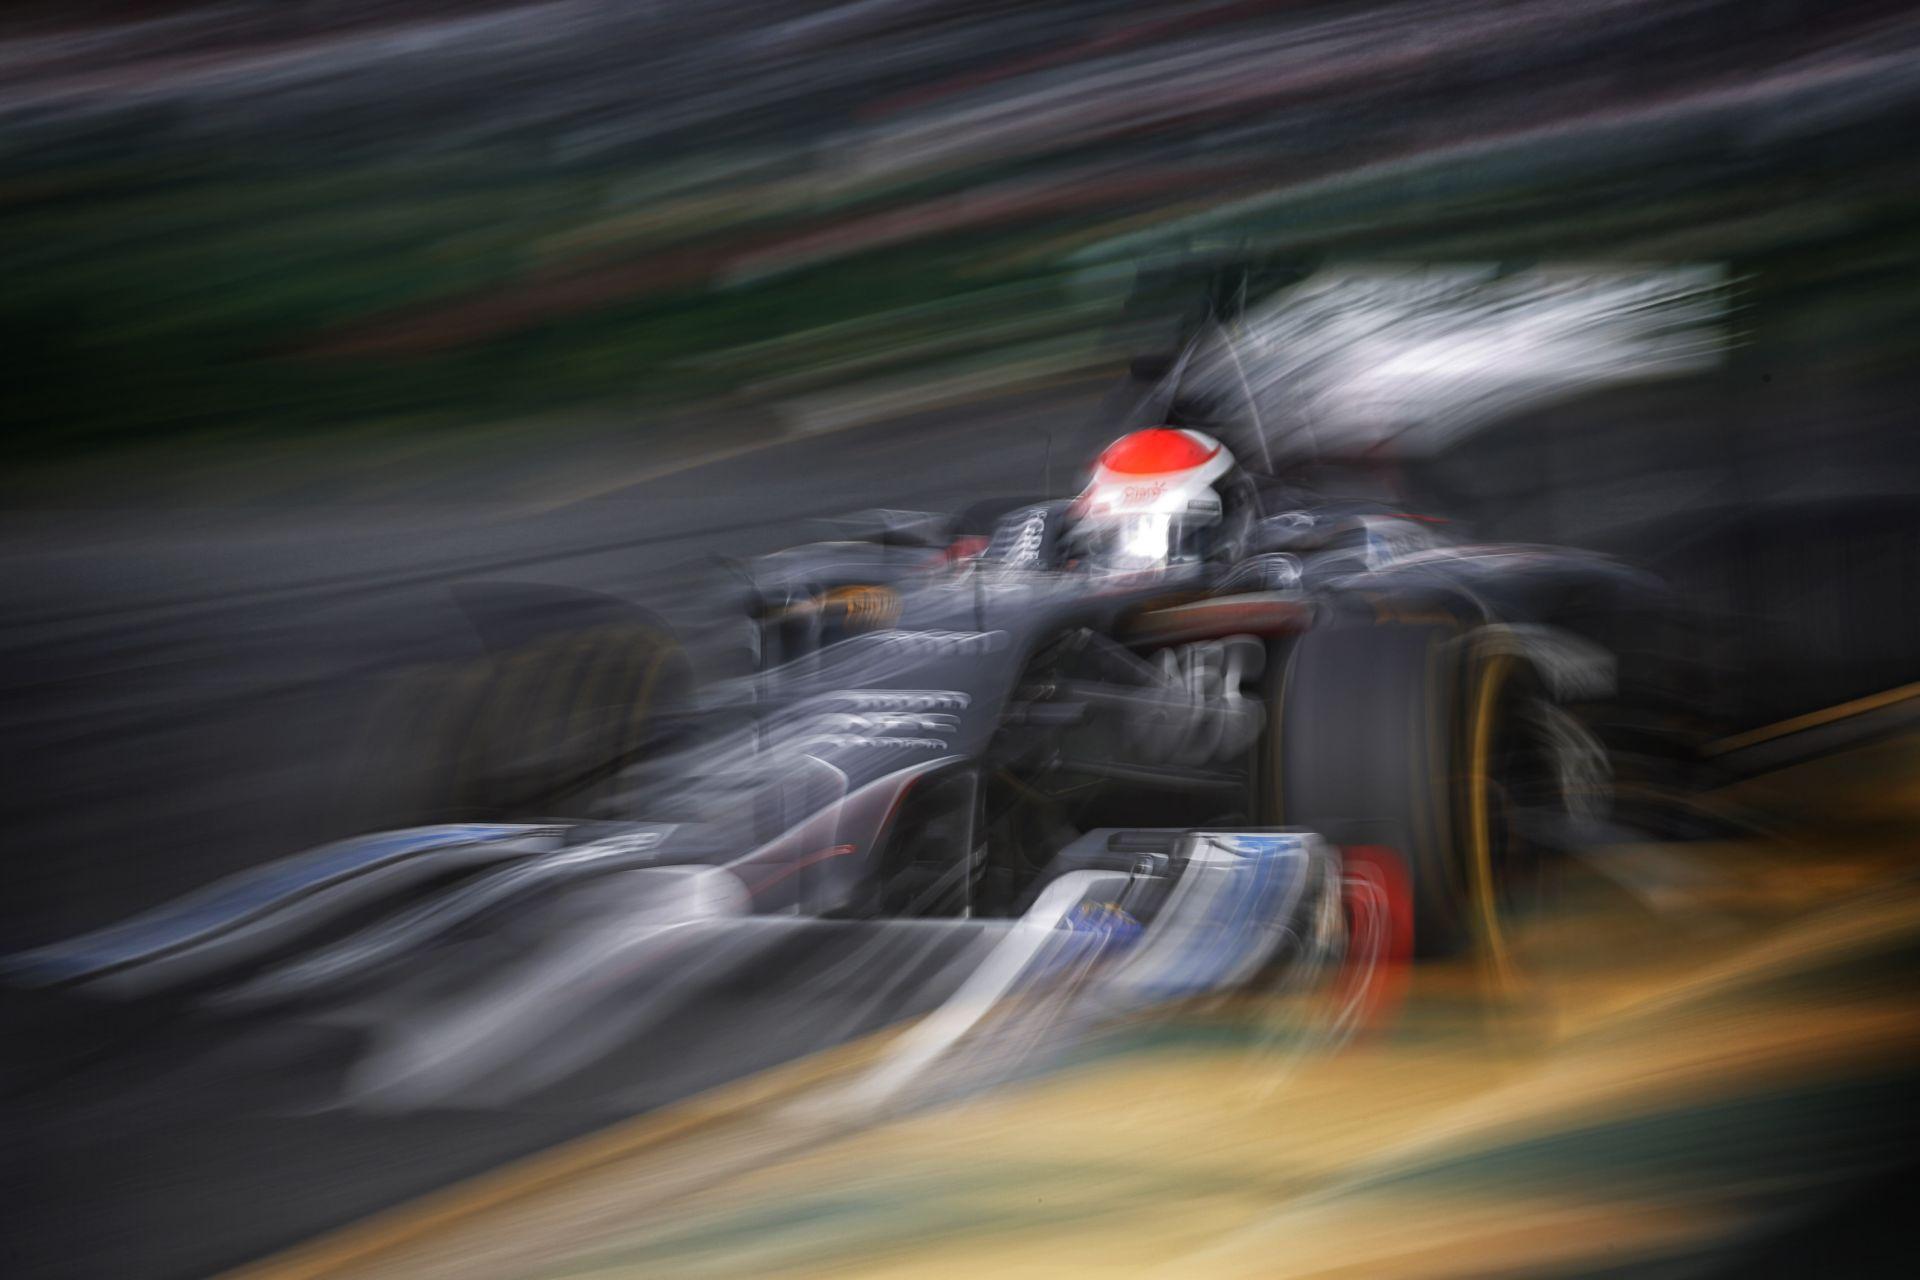 Sauber: Malajziában kiderül, hogy mennyire jó a C33